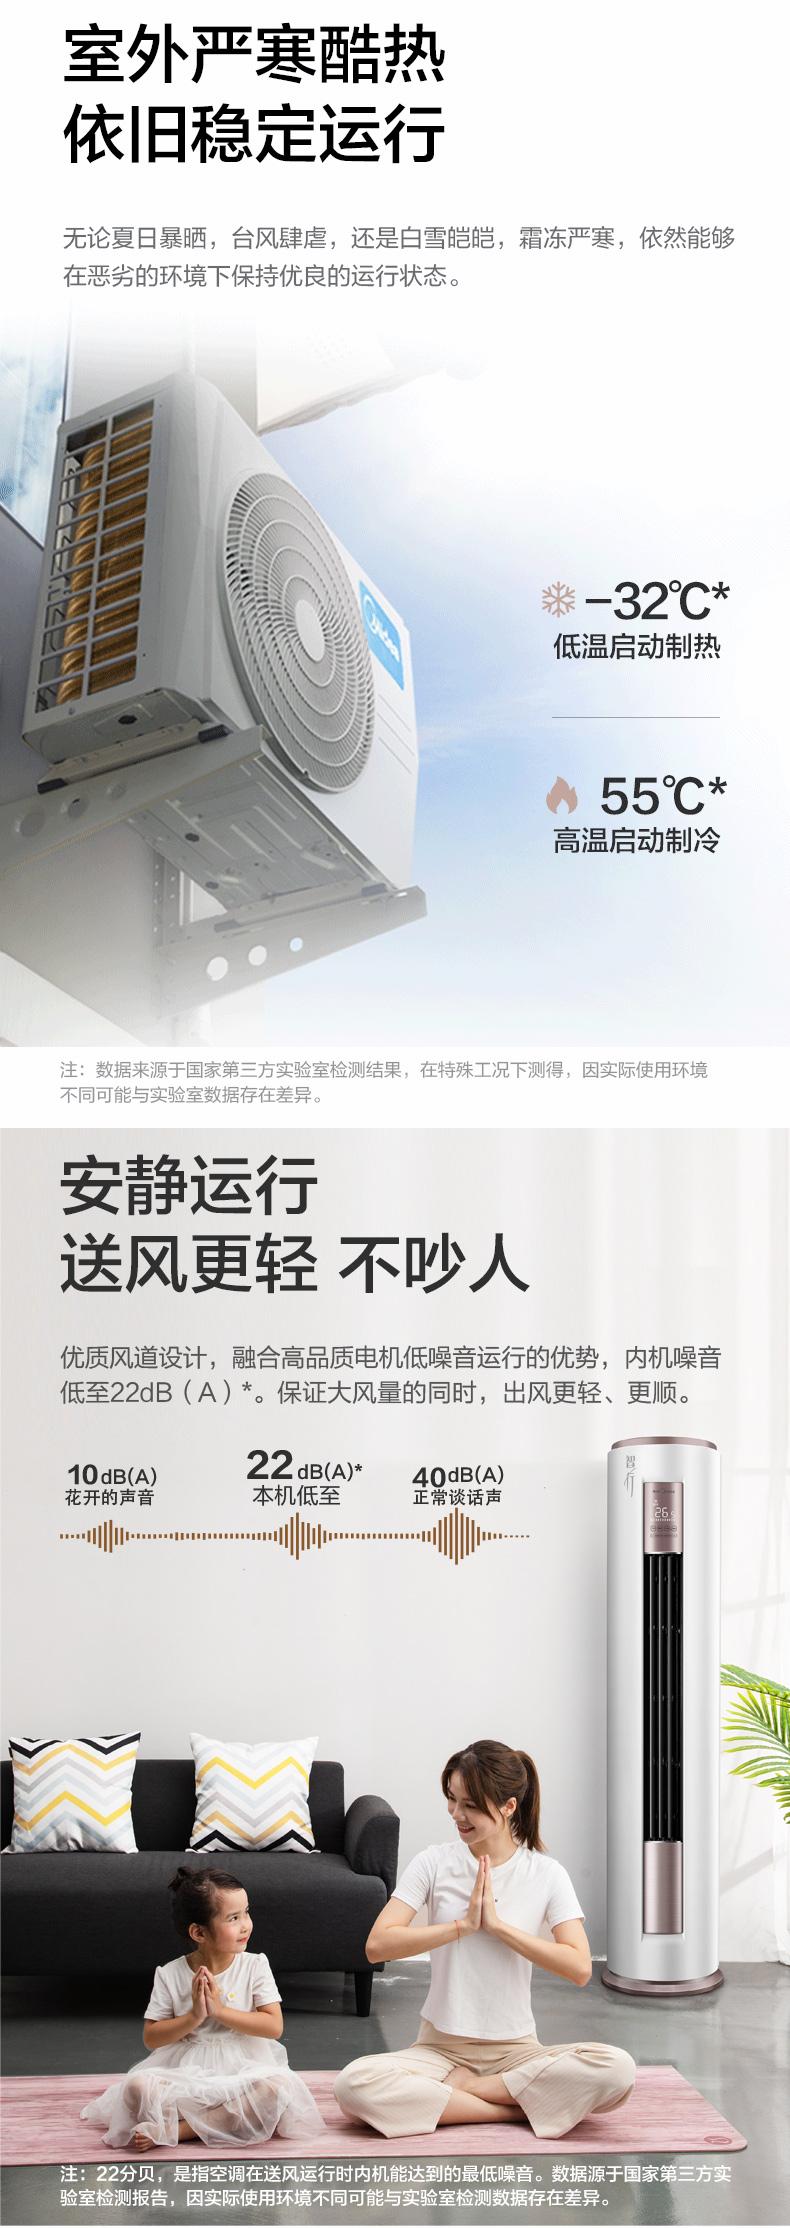 云南美的立柜式空调好用吗